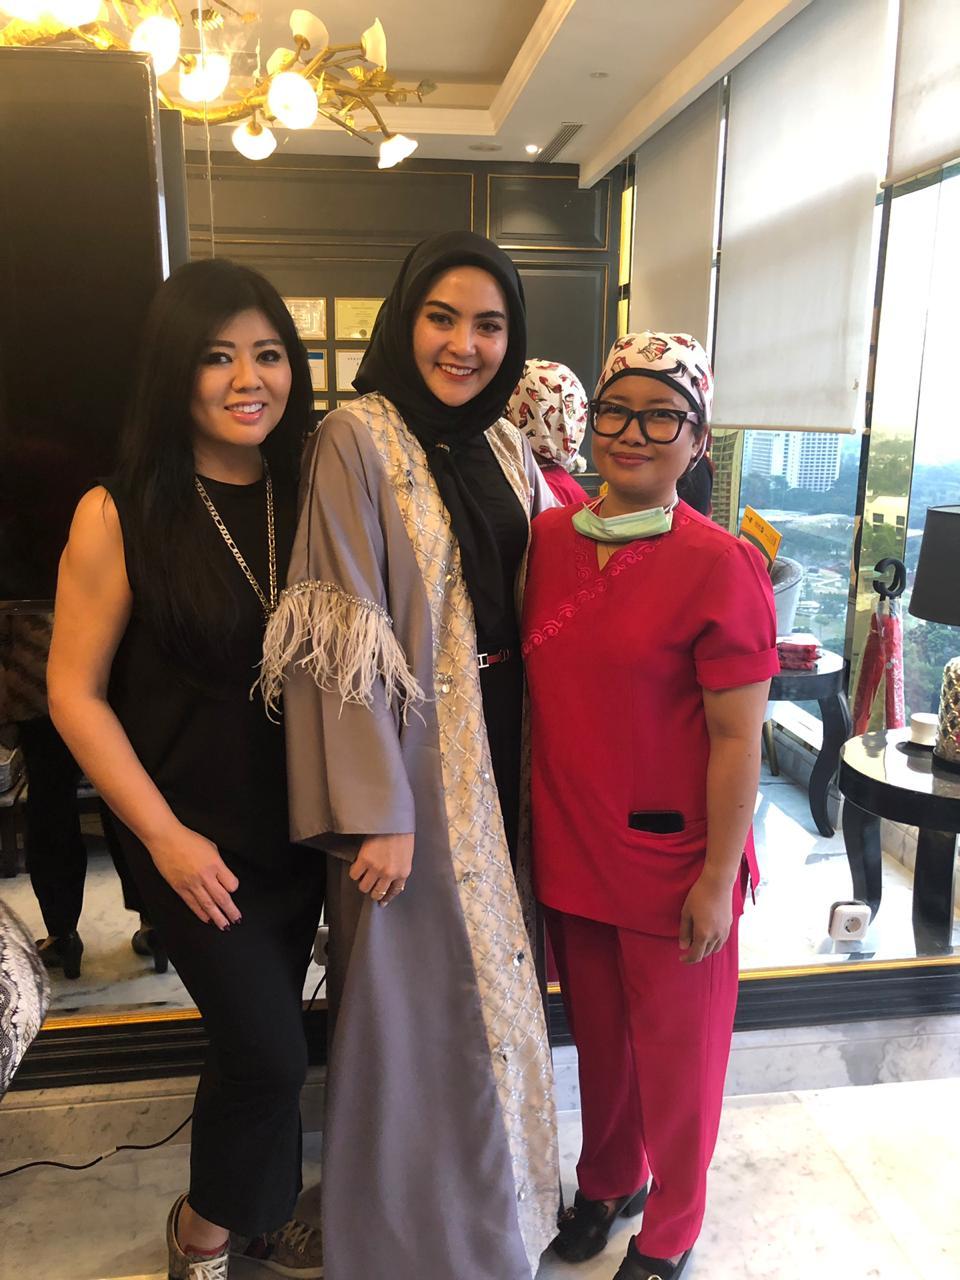 Ultimo Clinic Perkenalkan Klinik Bedah Kecantikan Terbaik Saat Ini